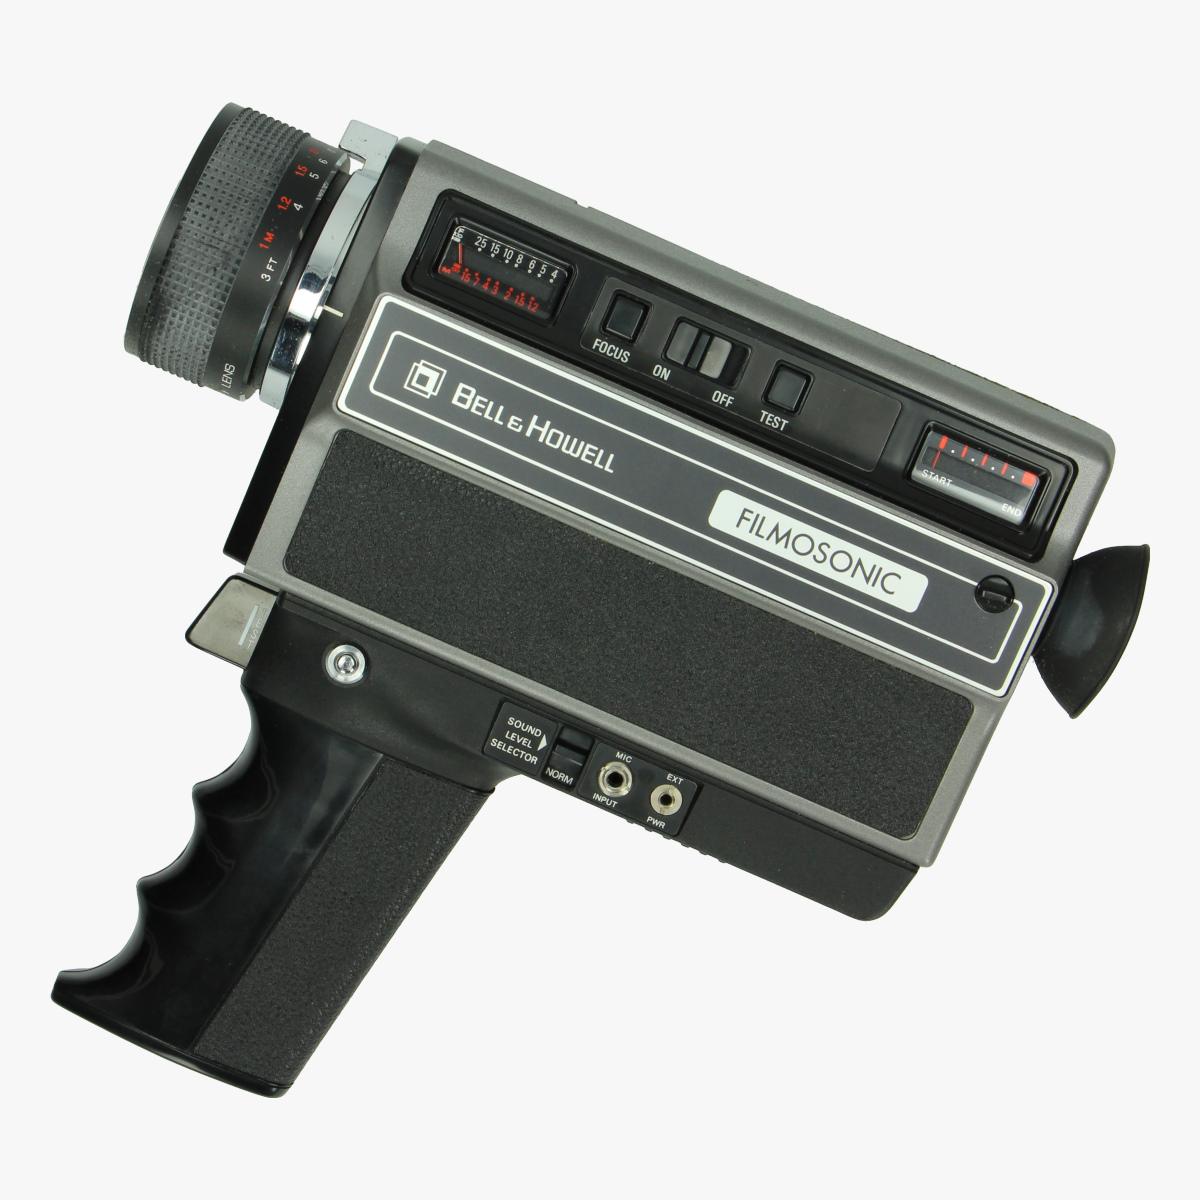 Afbeeldingen van Handcamera Bell & Howell 1223 Filmosonic